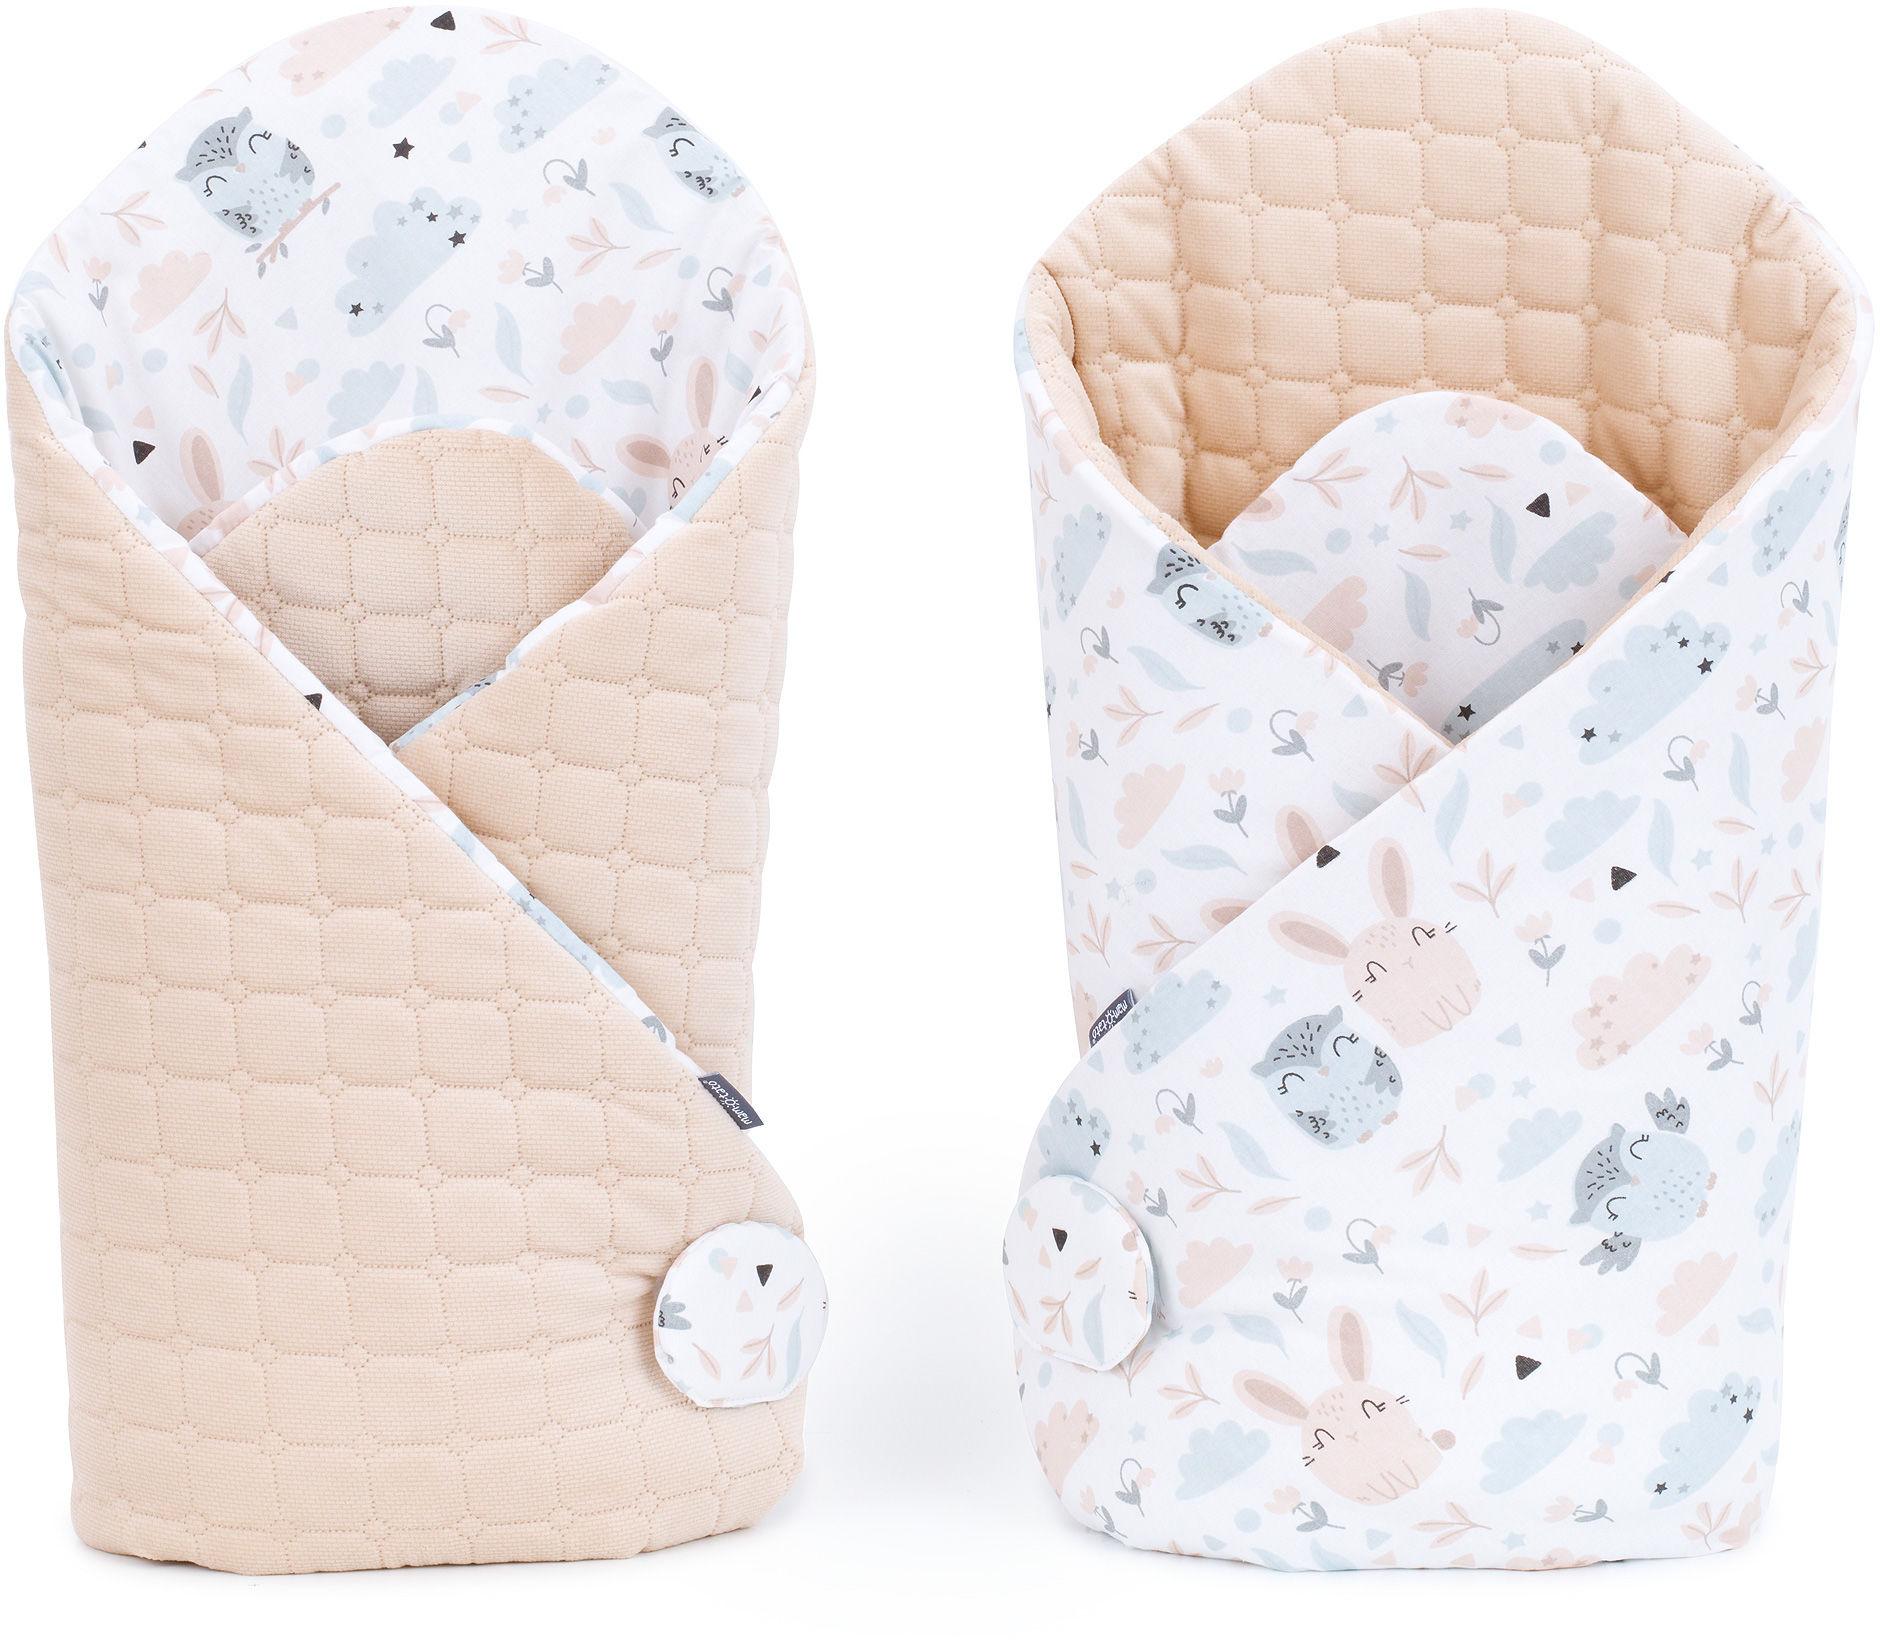 MAMO-TATO Rożek niemowlęcy dwustronny velvet - Polana / piaskowy